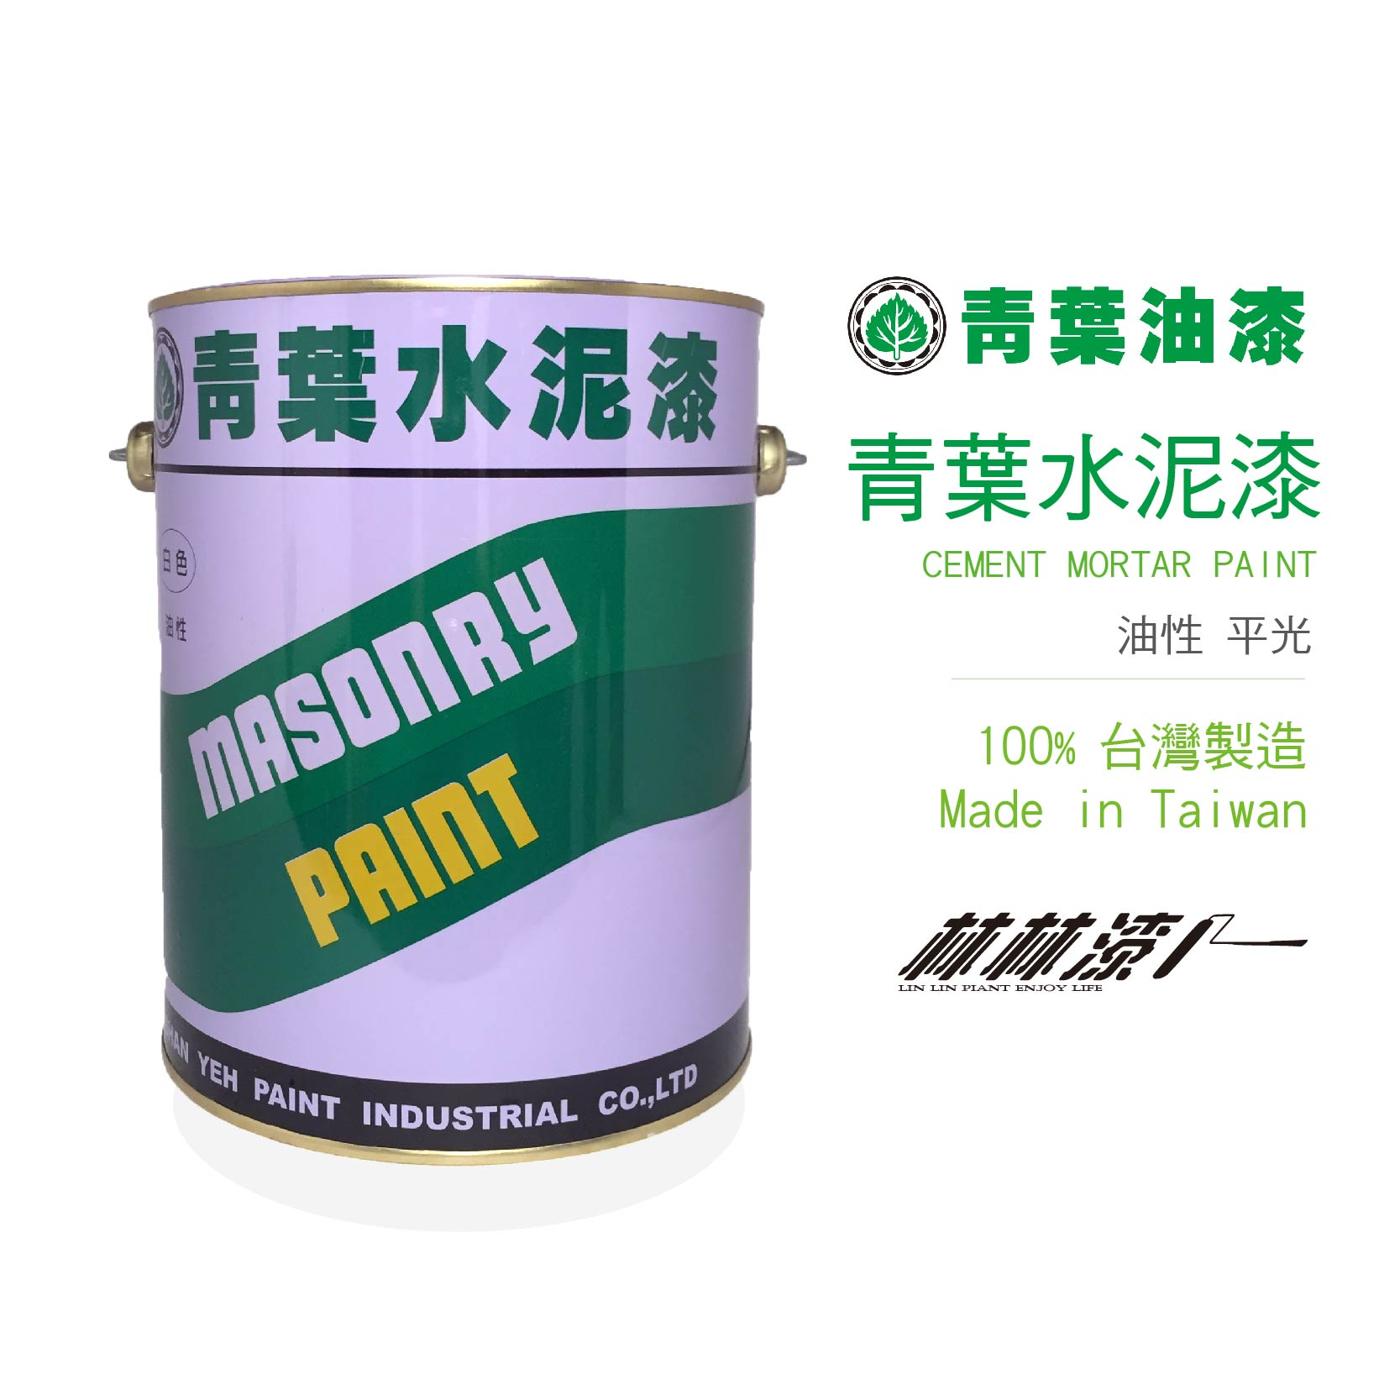 林林漆青葉油性水泥漆平光玫瑰白1加侖